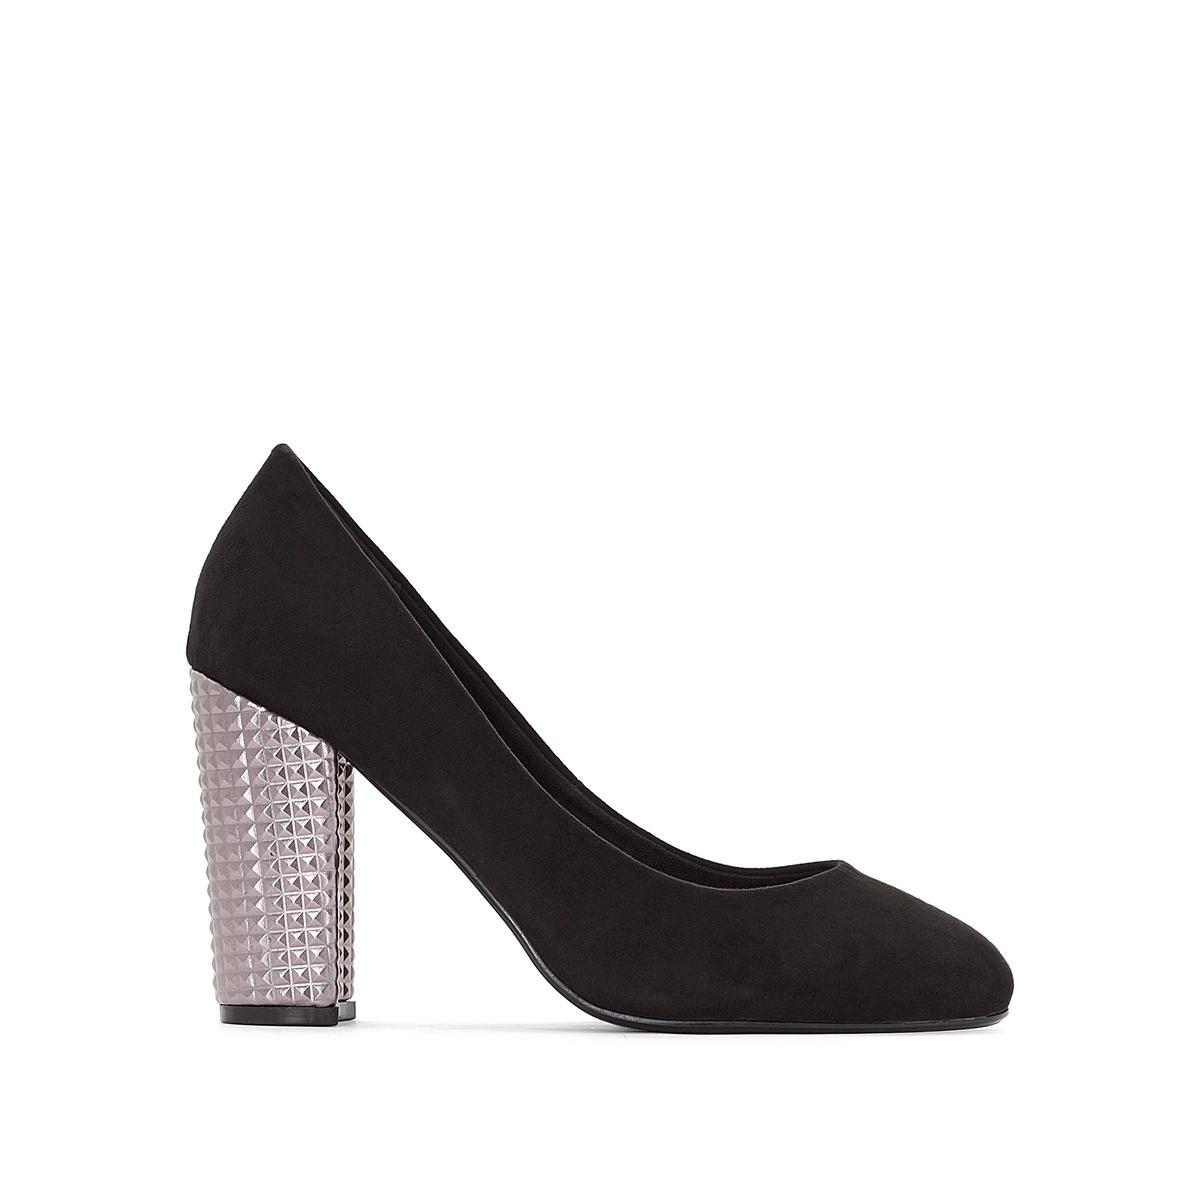 Zapatos de tacón fantasía, pie ancho, del 38 al 45